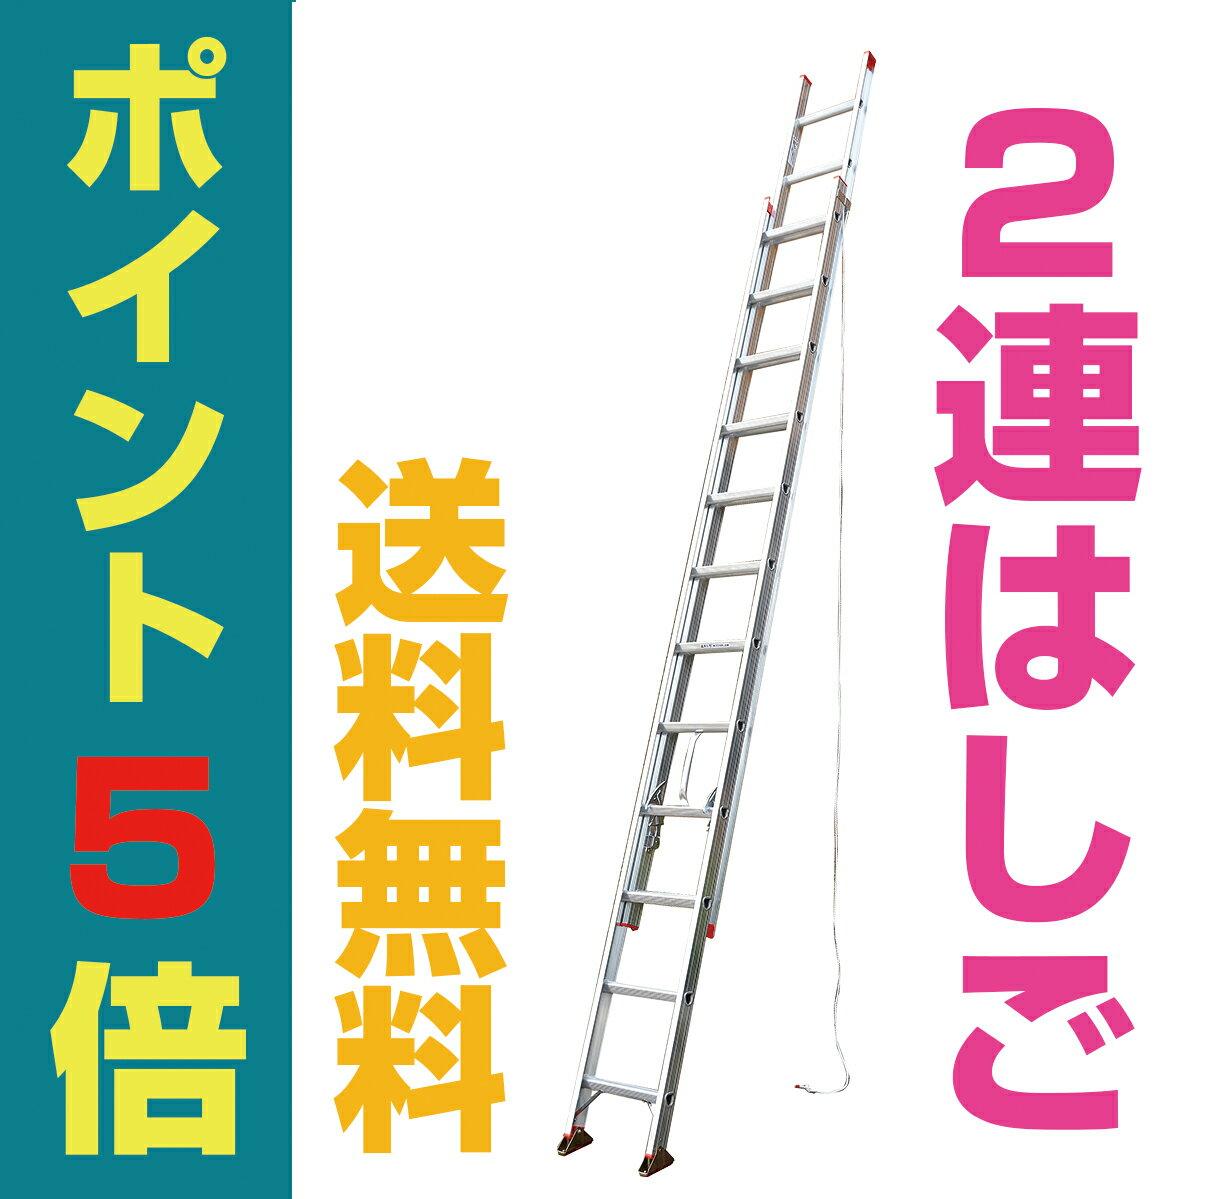 ポイント5倍 ! 送料無料 ! 軽量 ! スタンダードタイプの2連はしご(7.31m) 伸縮 2EX-70 はしご 2連